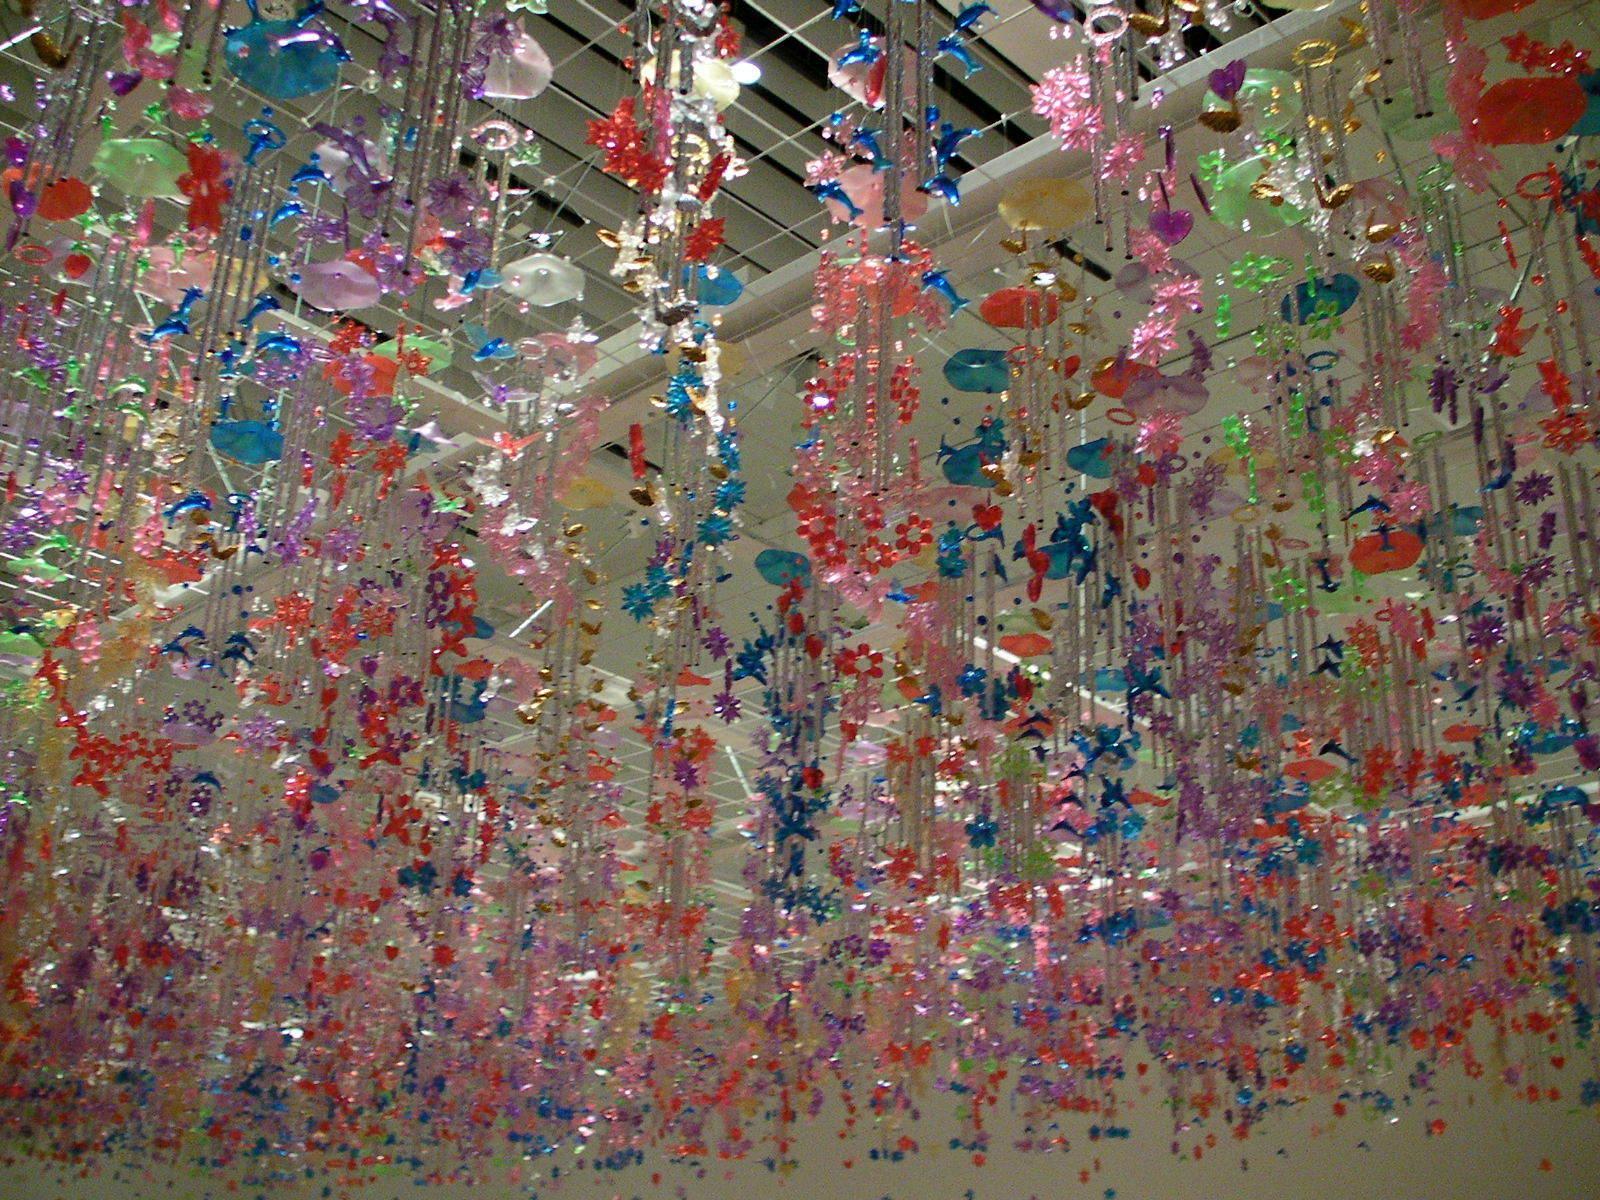 フェリックス・バコロール《荒れそうな空模様》2009年 1000個を超える風鈴が、風に揺れ音を奏でるインスタレーション。